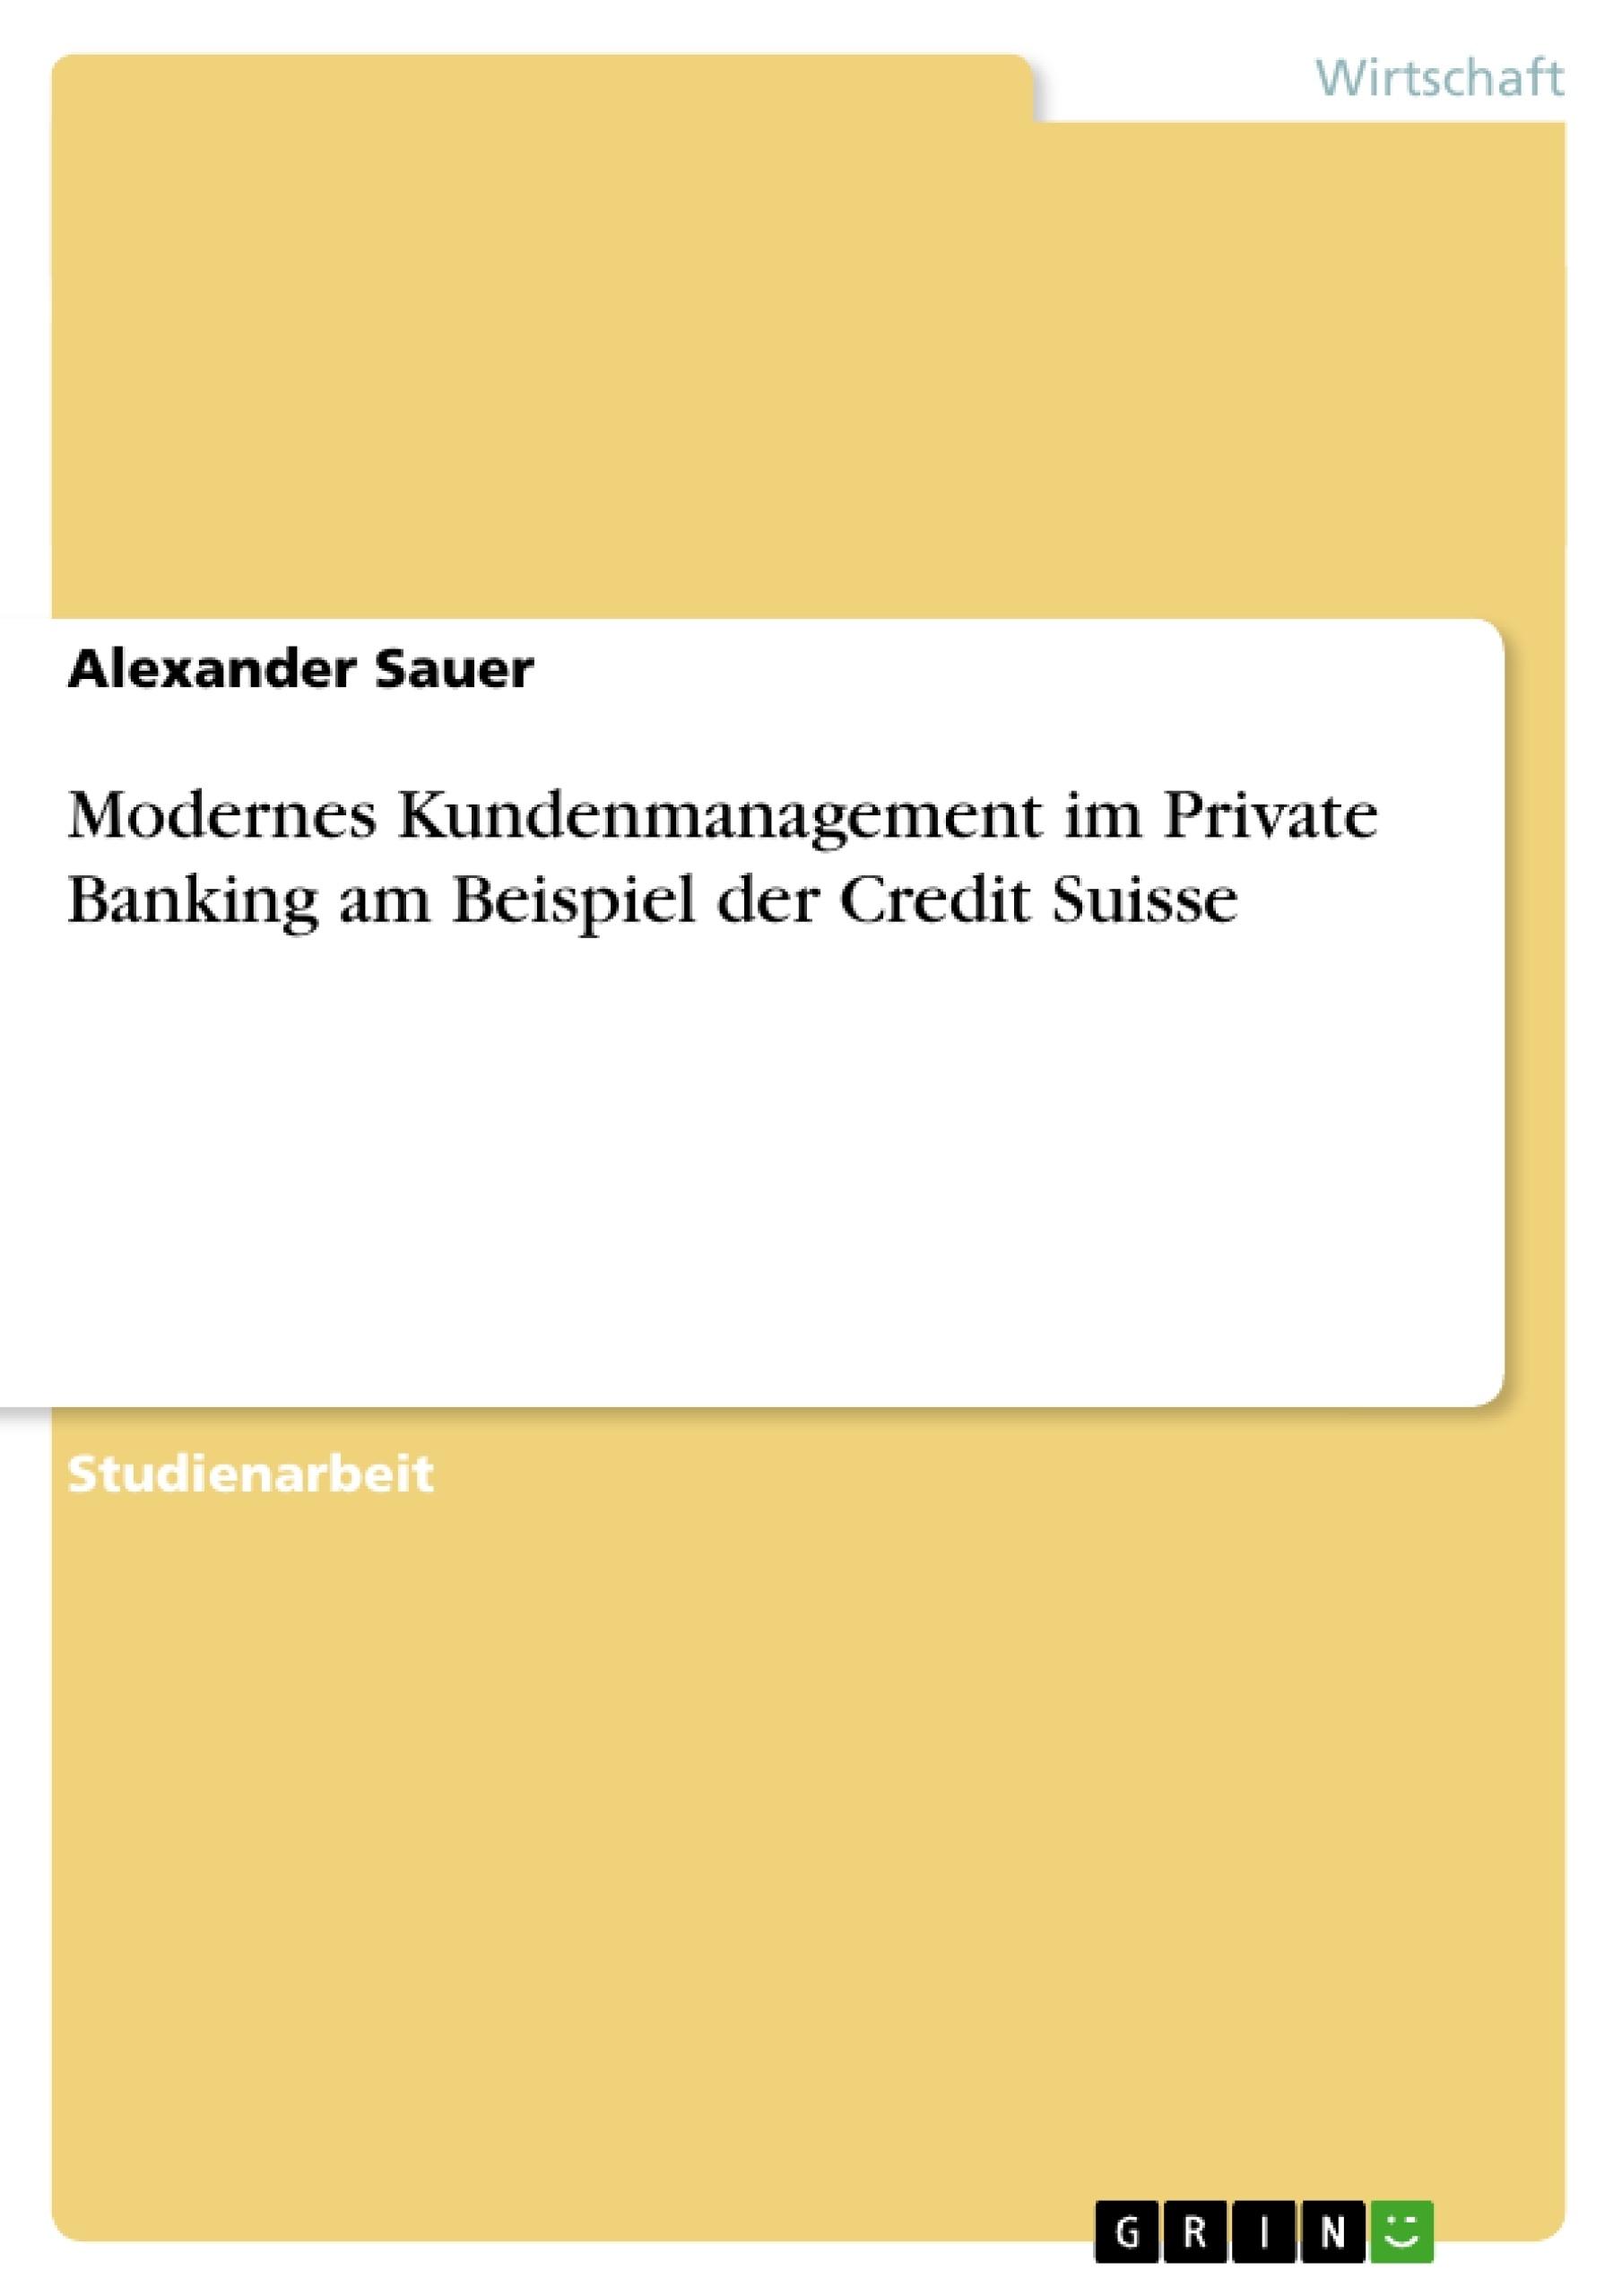 Titel: Modernes Kundenmanagement im Private Banking am Beispiel der Credit Suisse